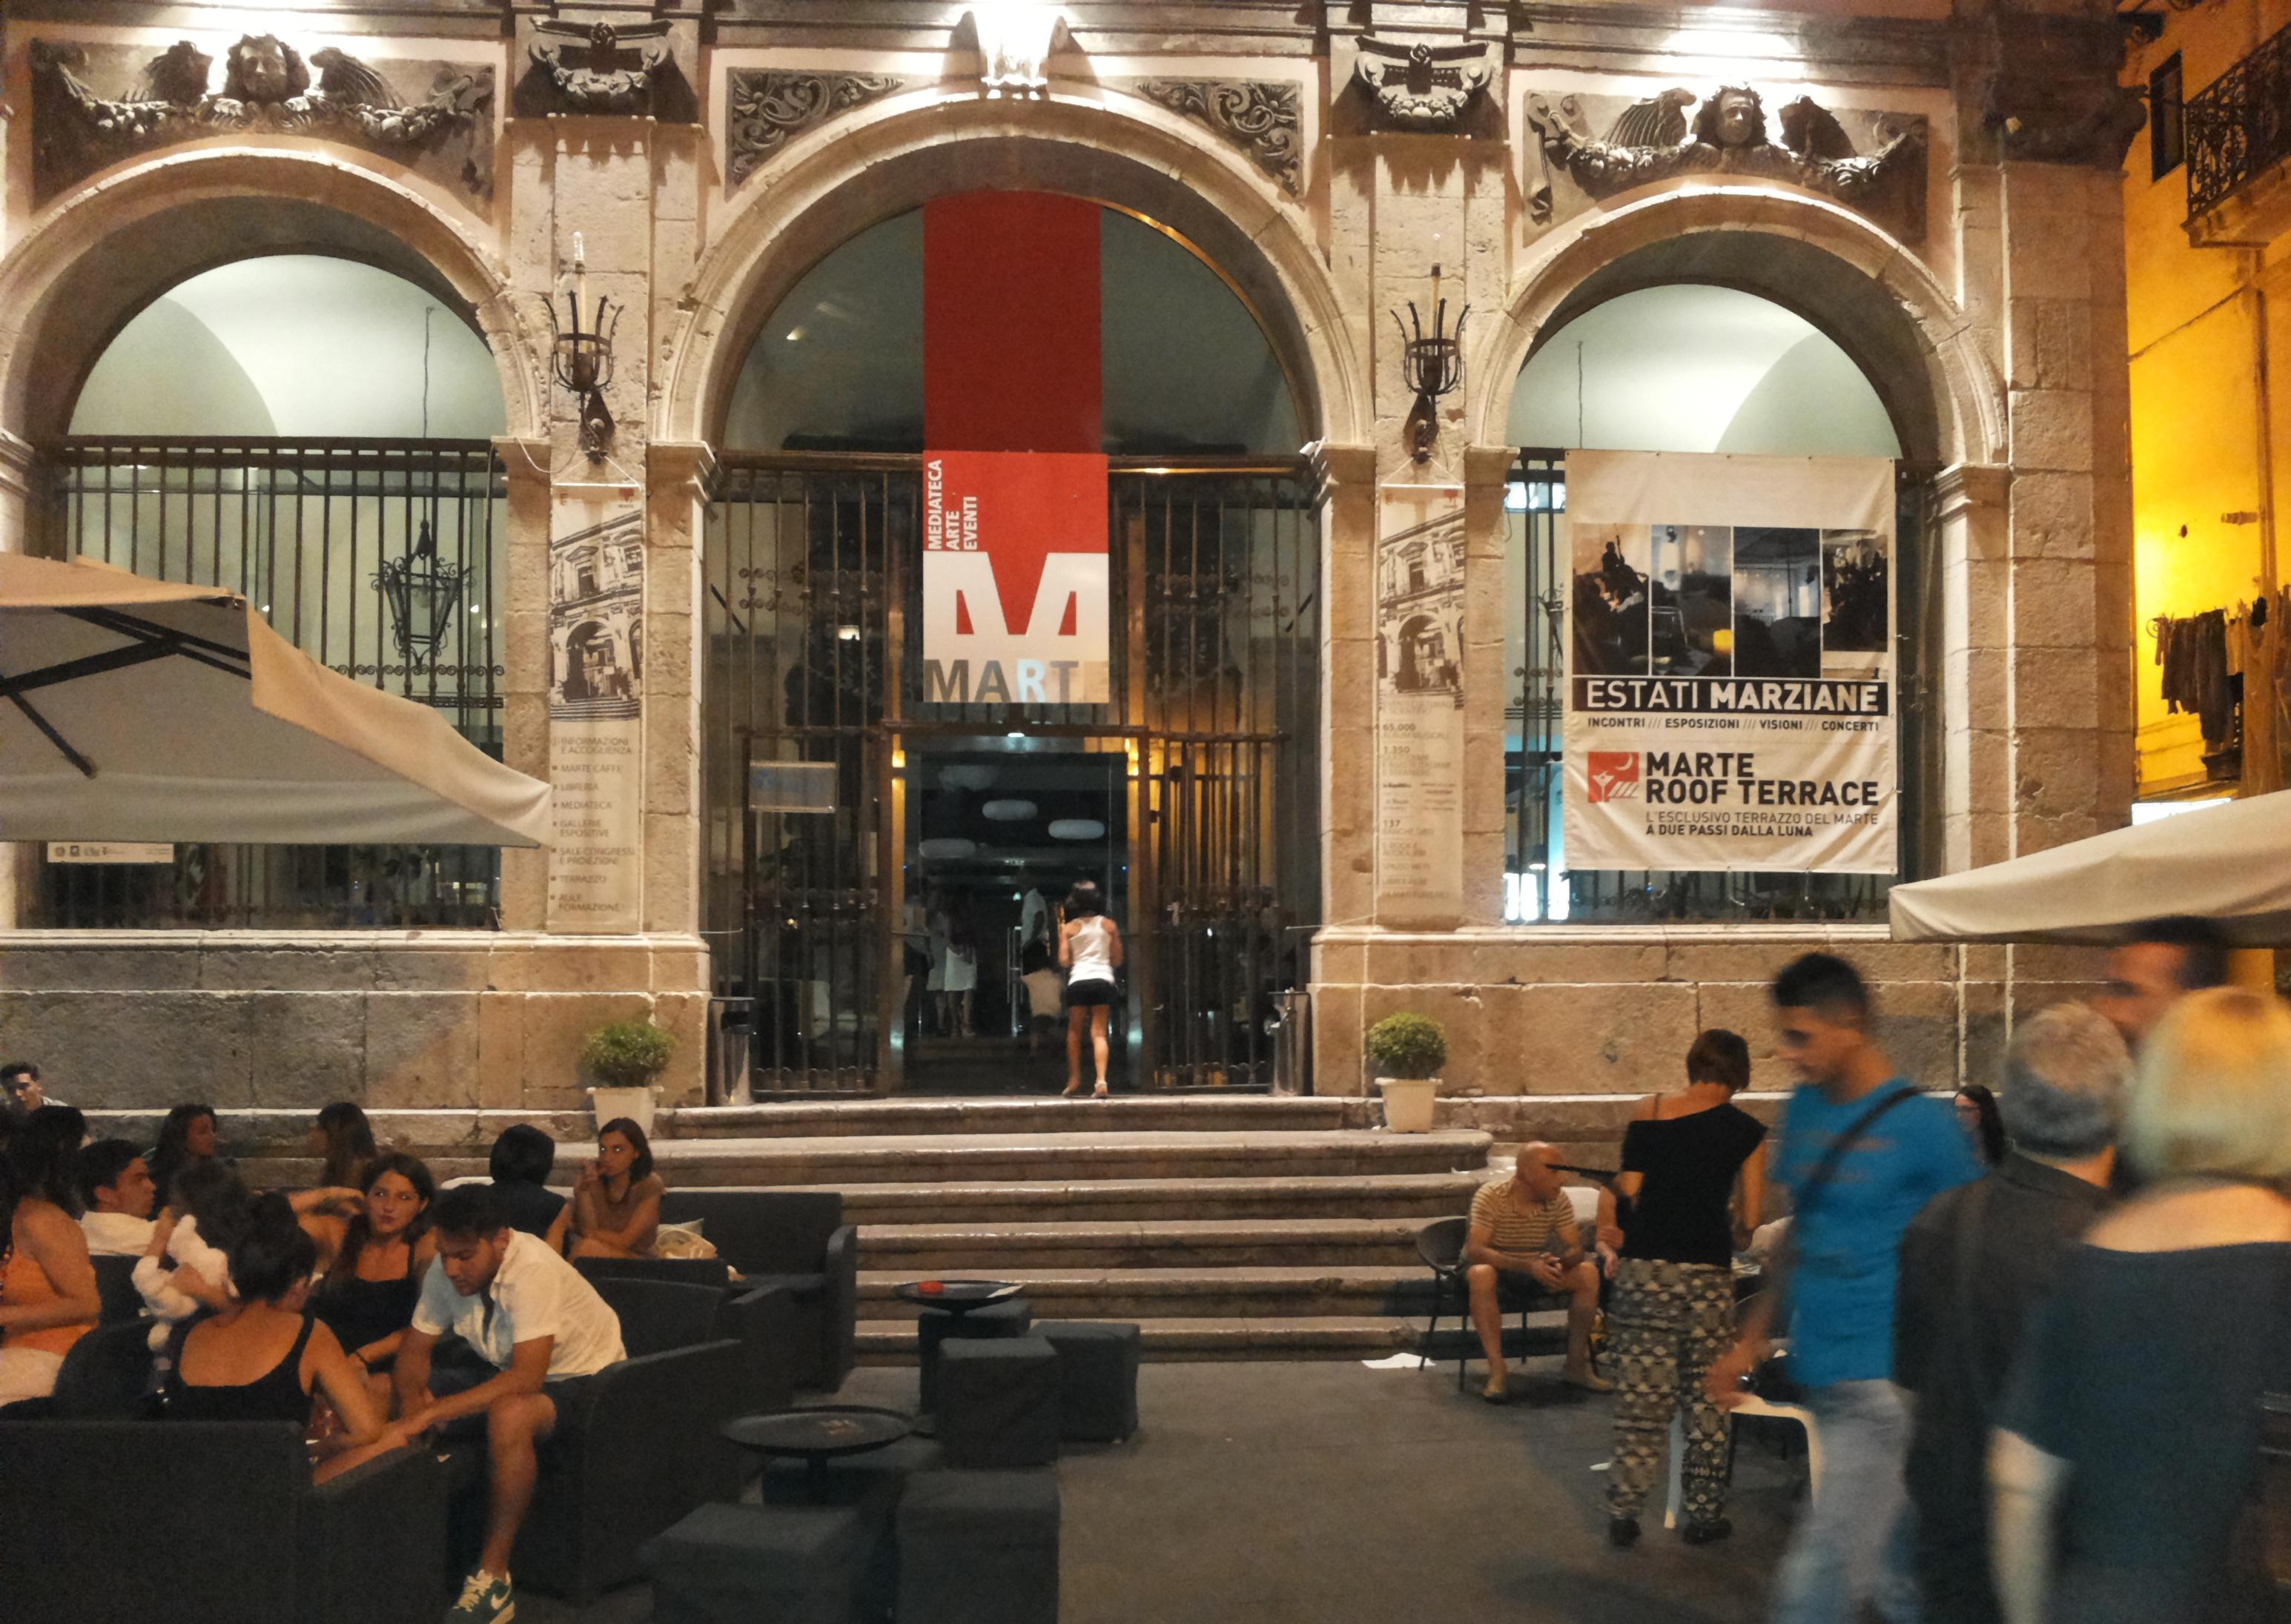 Corponovecento e la drammaturgia spagnola contemporanea al Marte